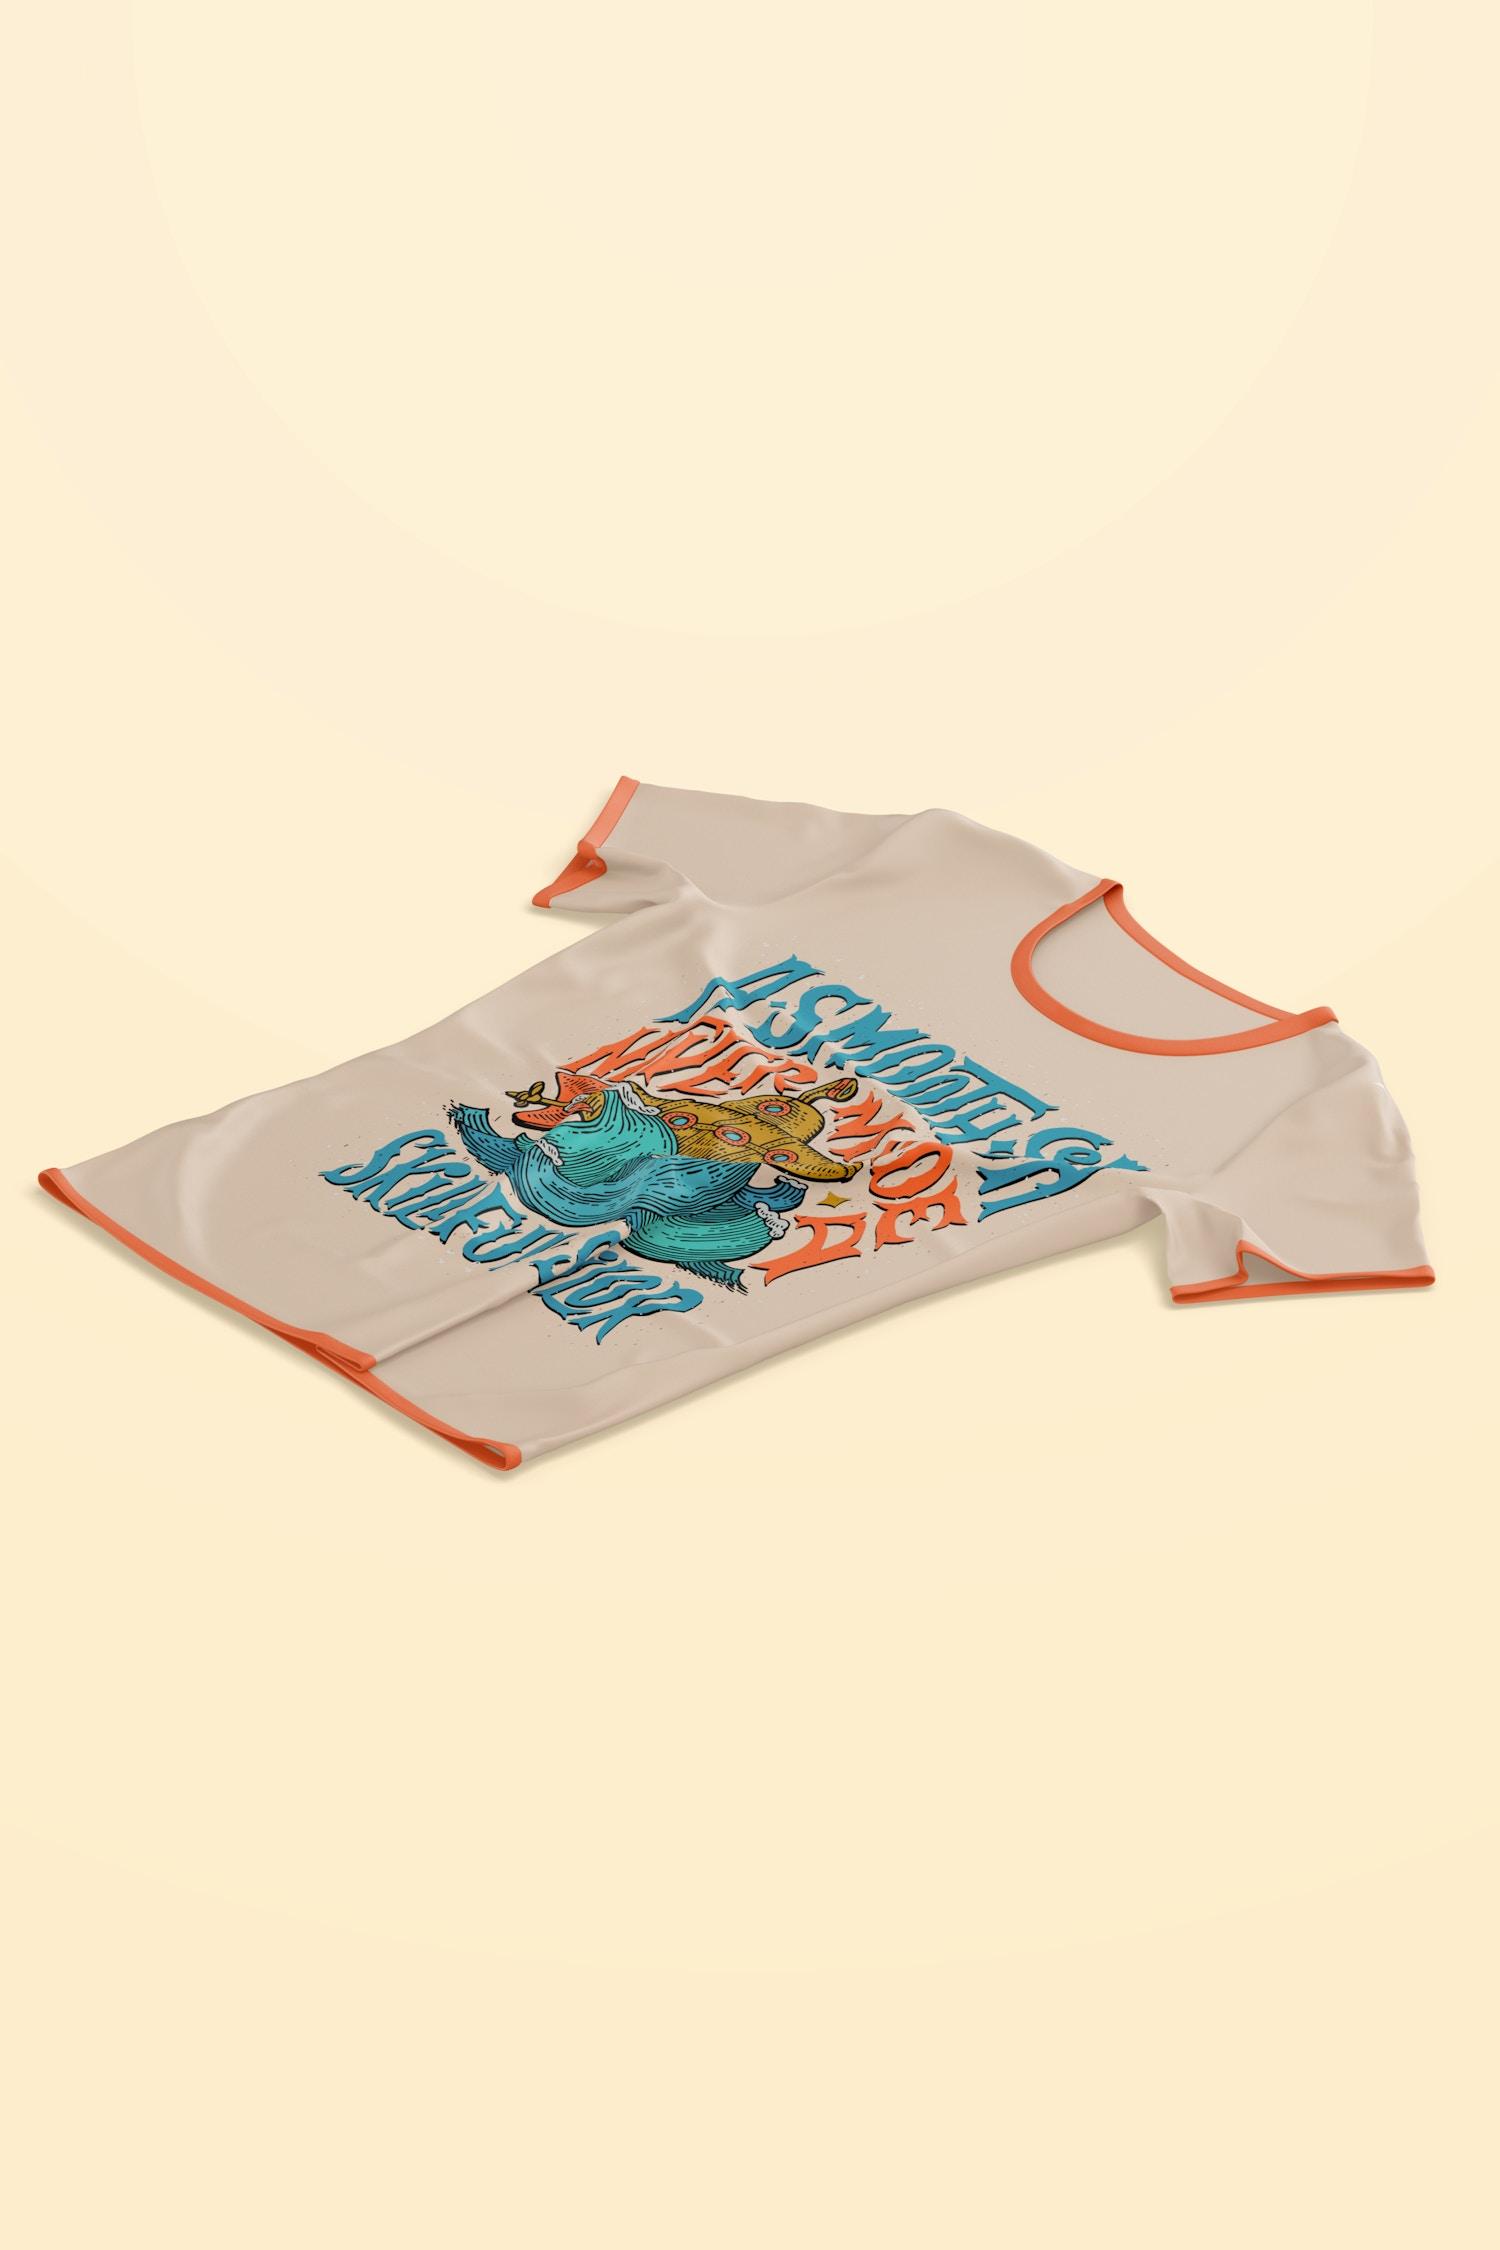 T-Shirt Mockup, Isometric Left View